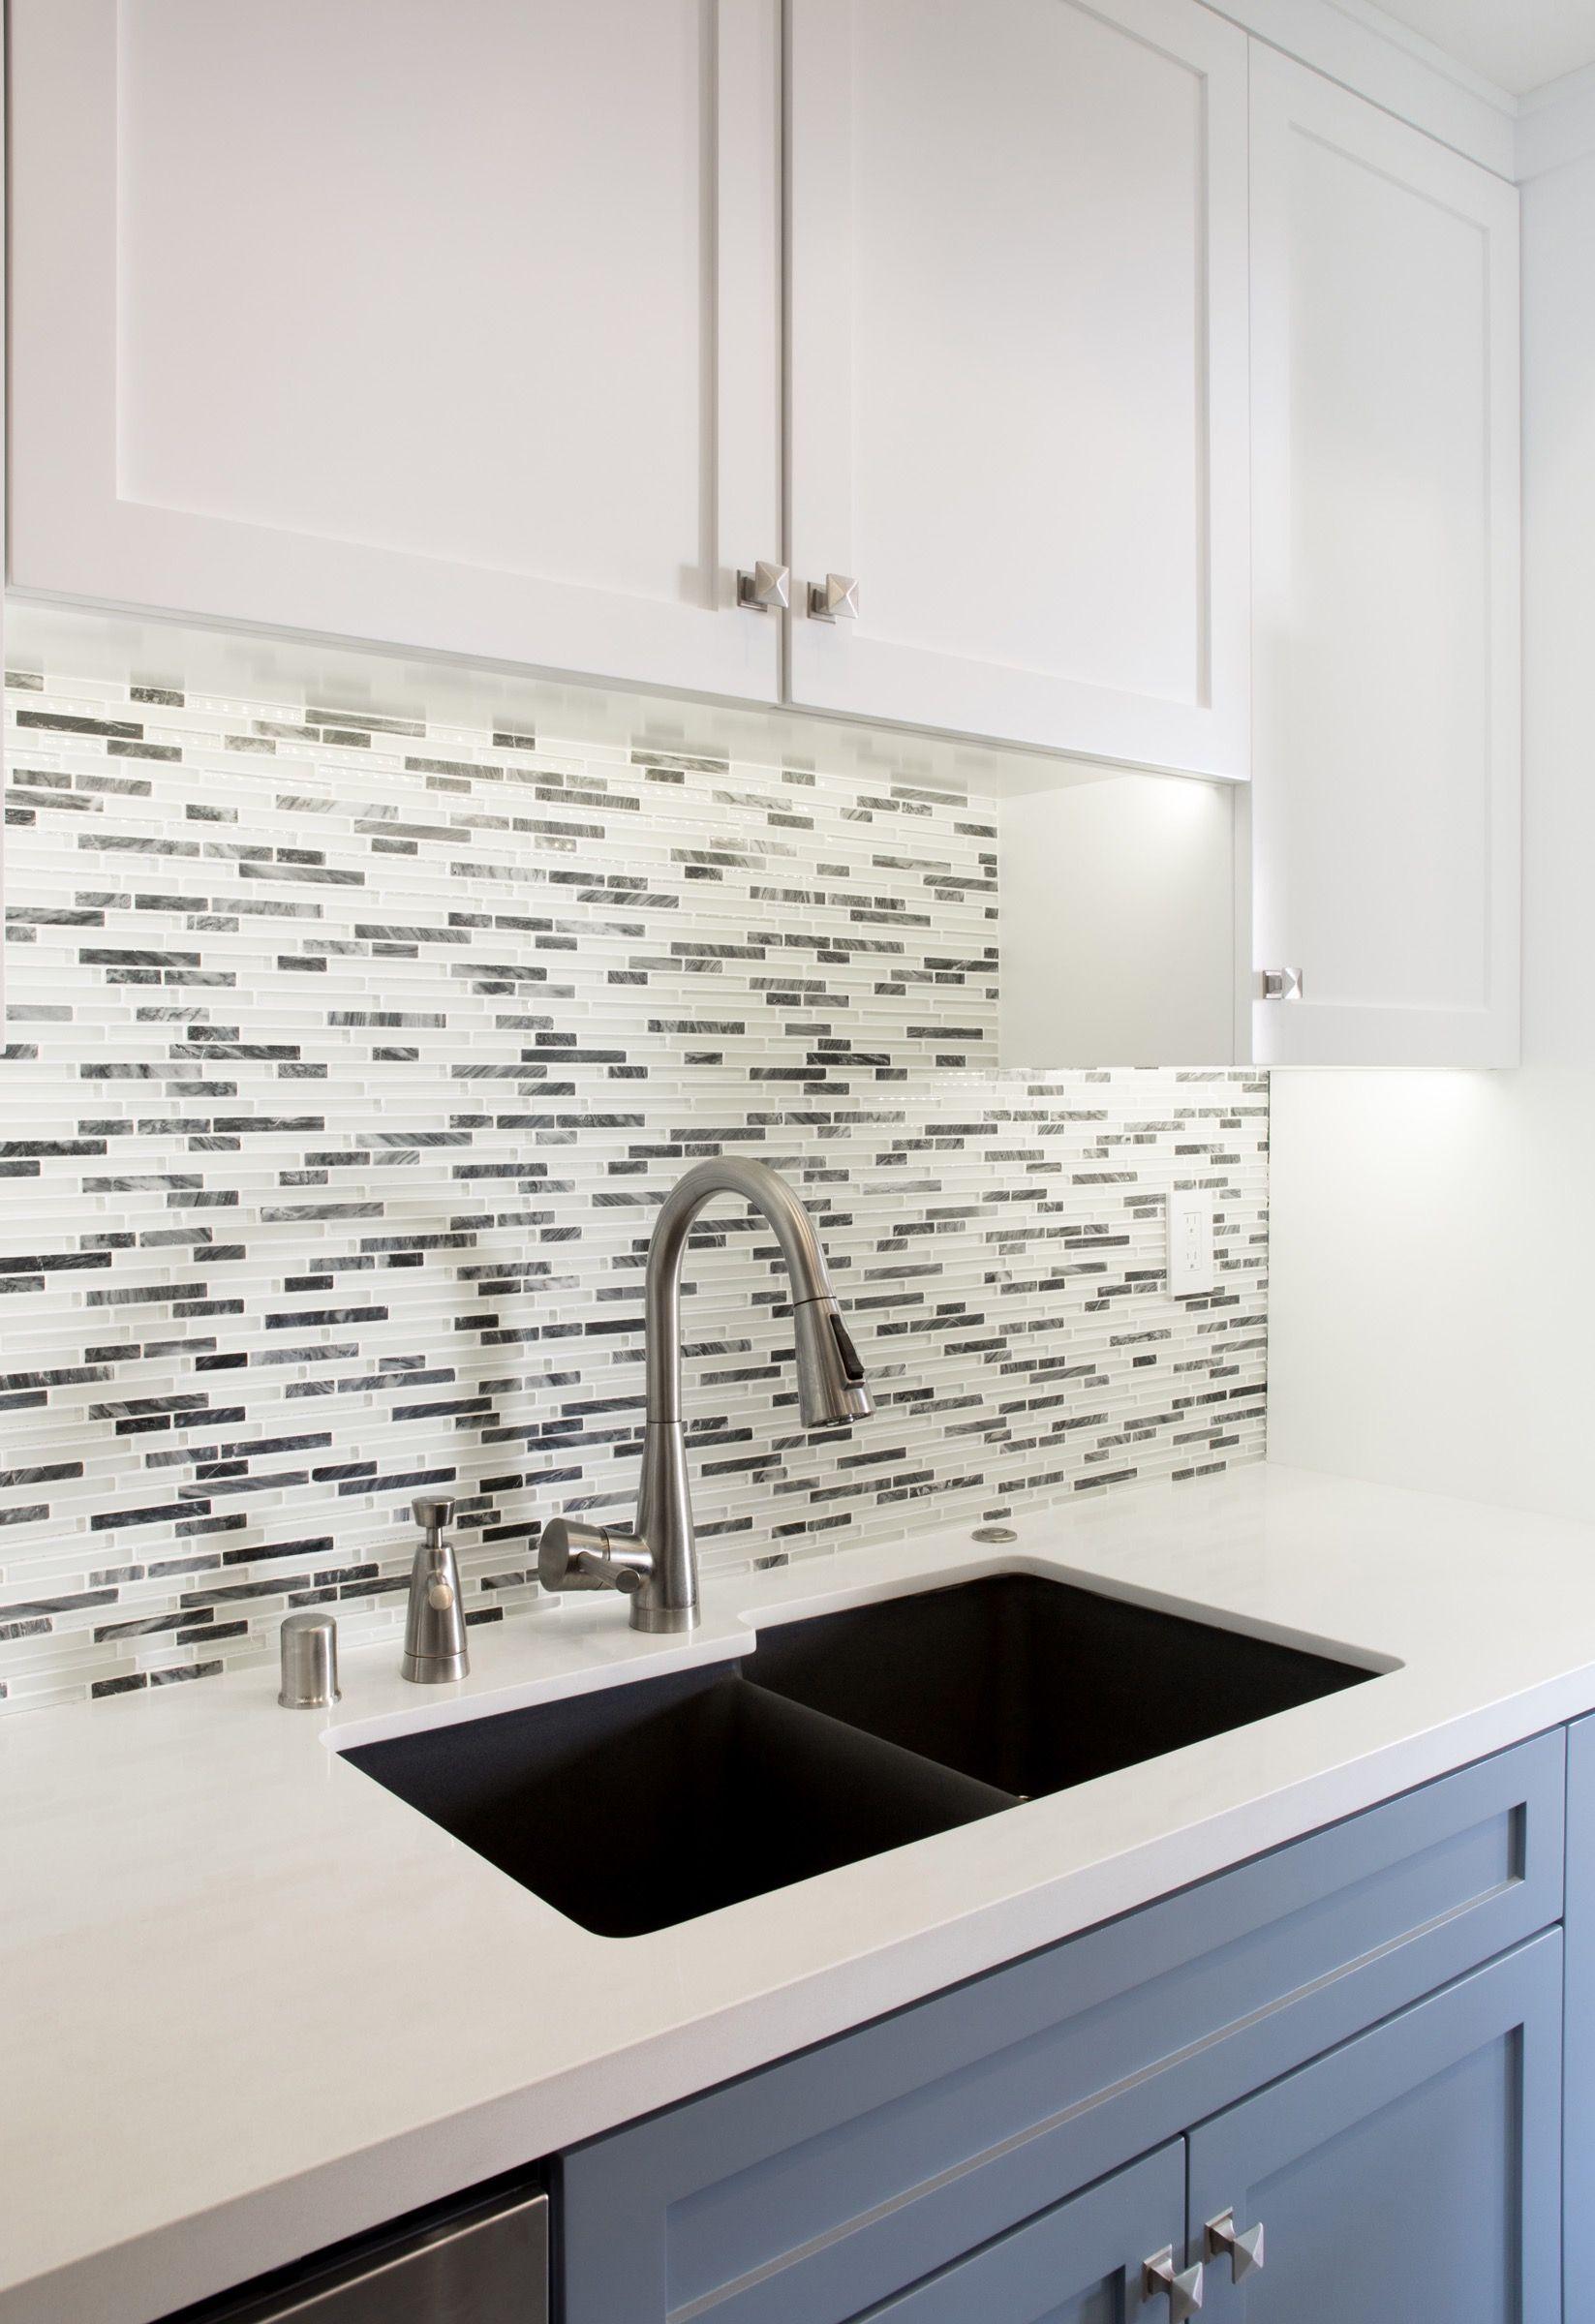 Elegant Benutzerdefinierte Senke Backsplash Ideen Für Ihre Neue Küche